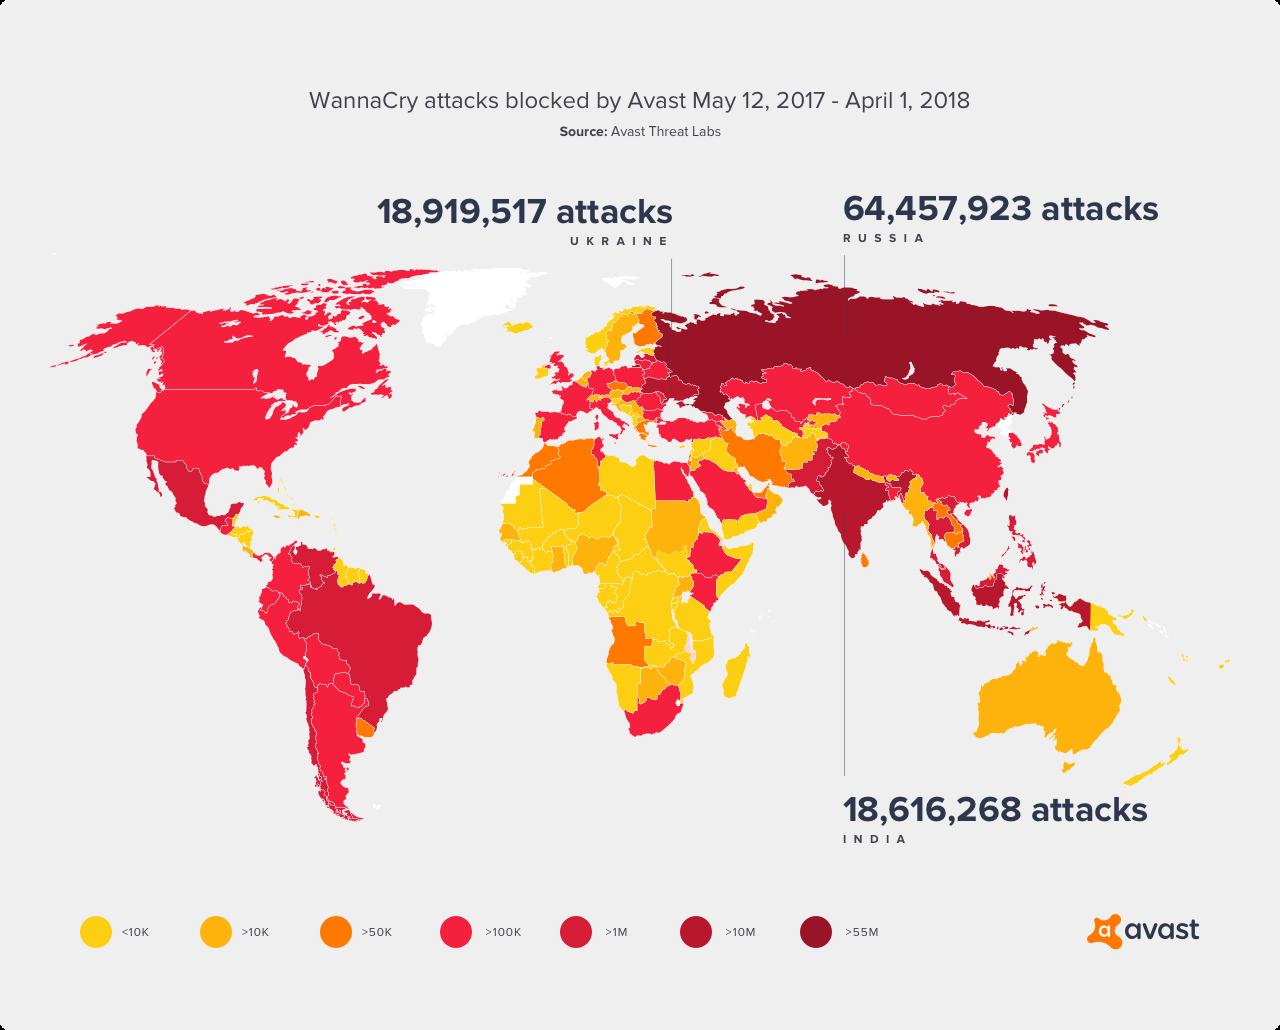 WannaCry Map May 12 2017 - April 1 2018